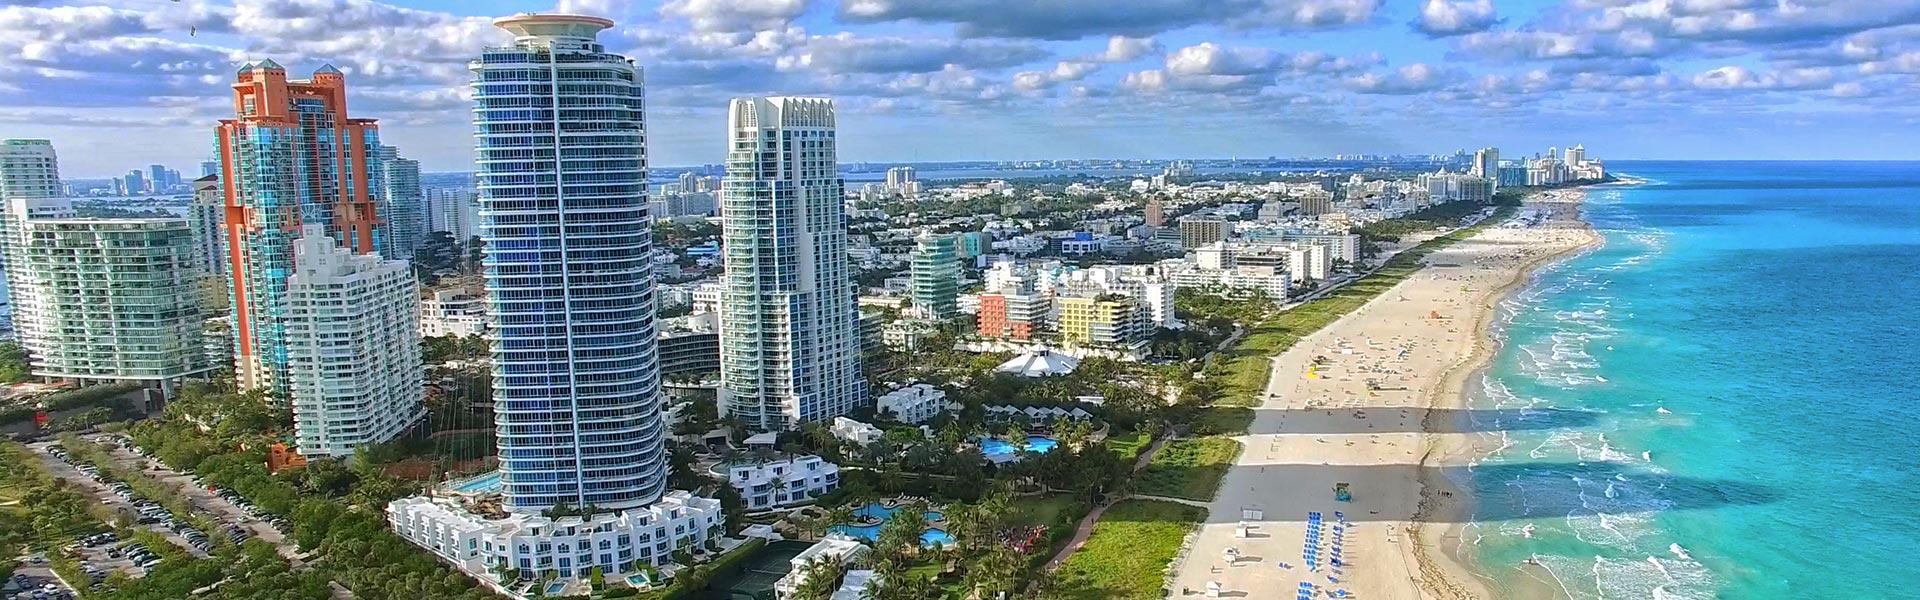 Bild von South Beach in Miami